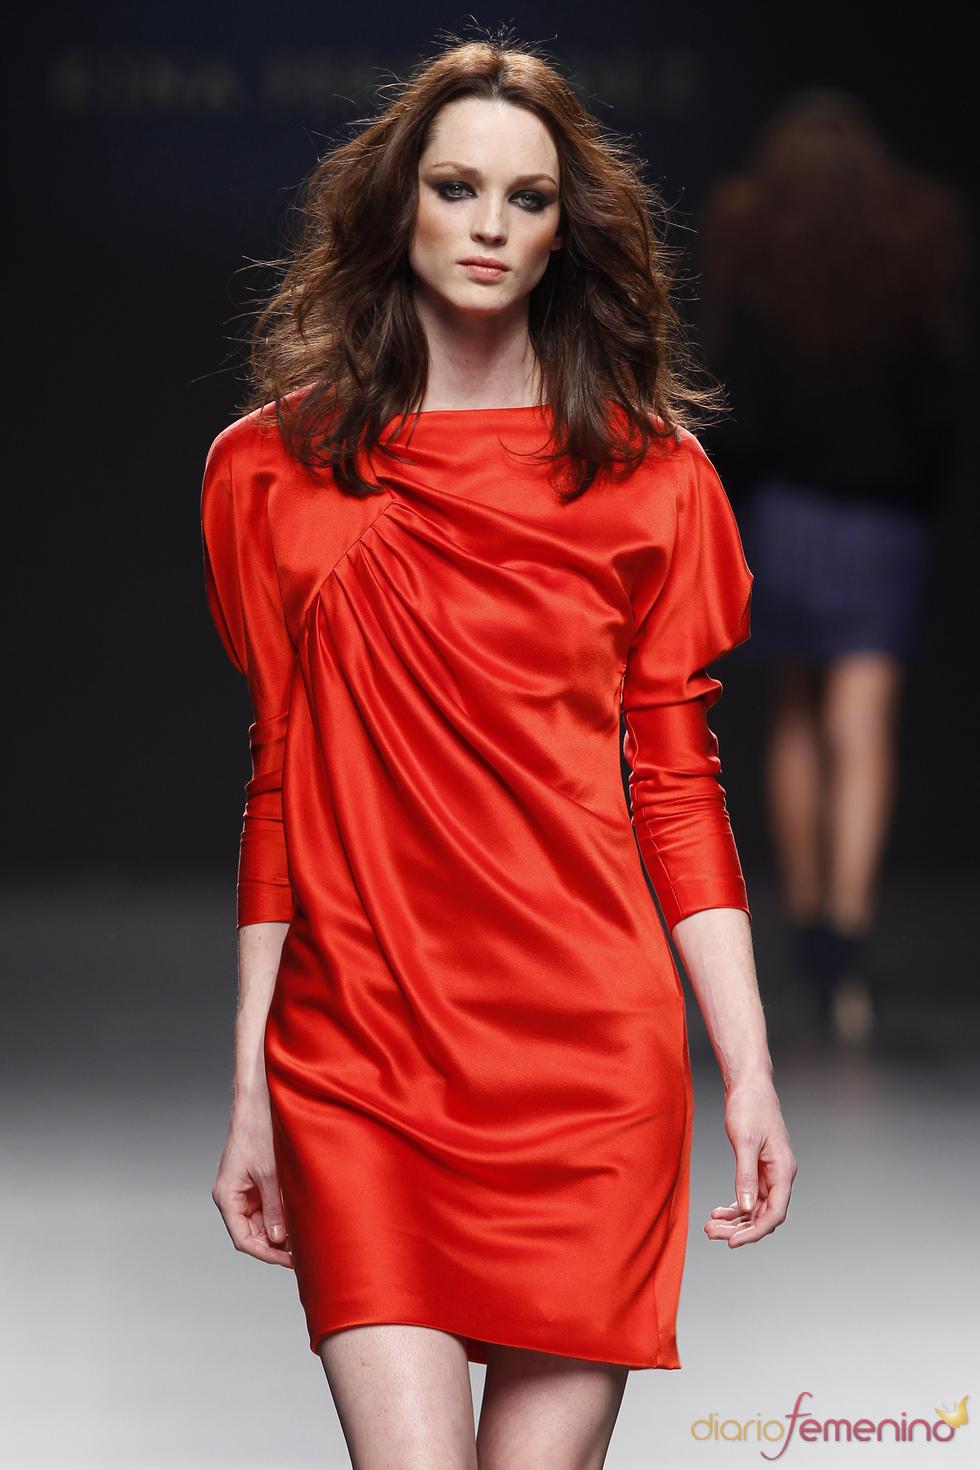 Moda Mujer: Kina Fernández en la Semana de la Moda 2010